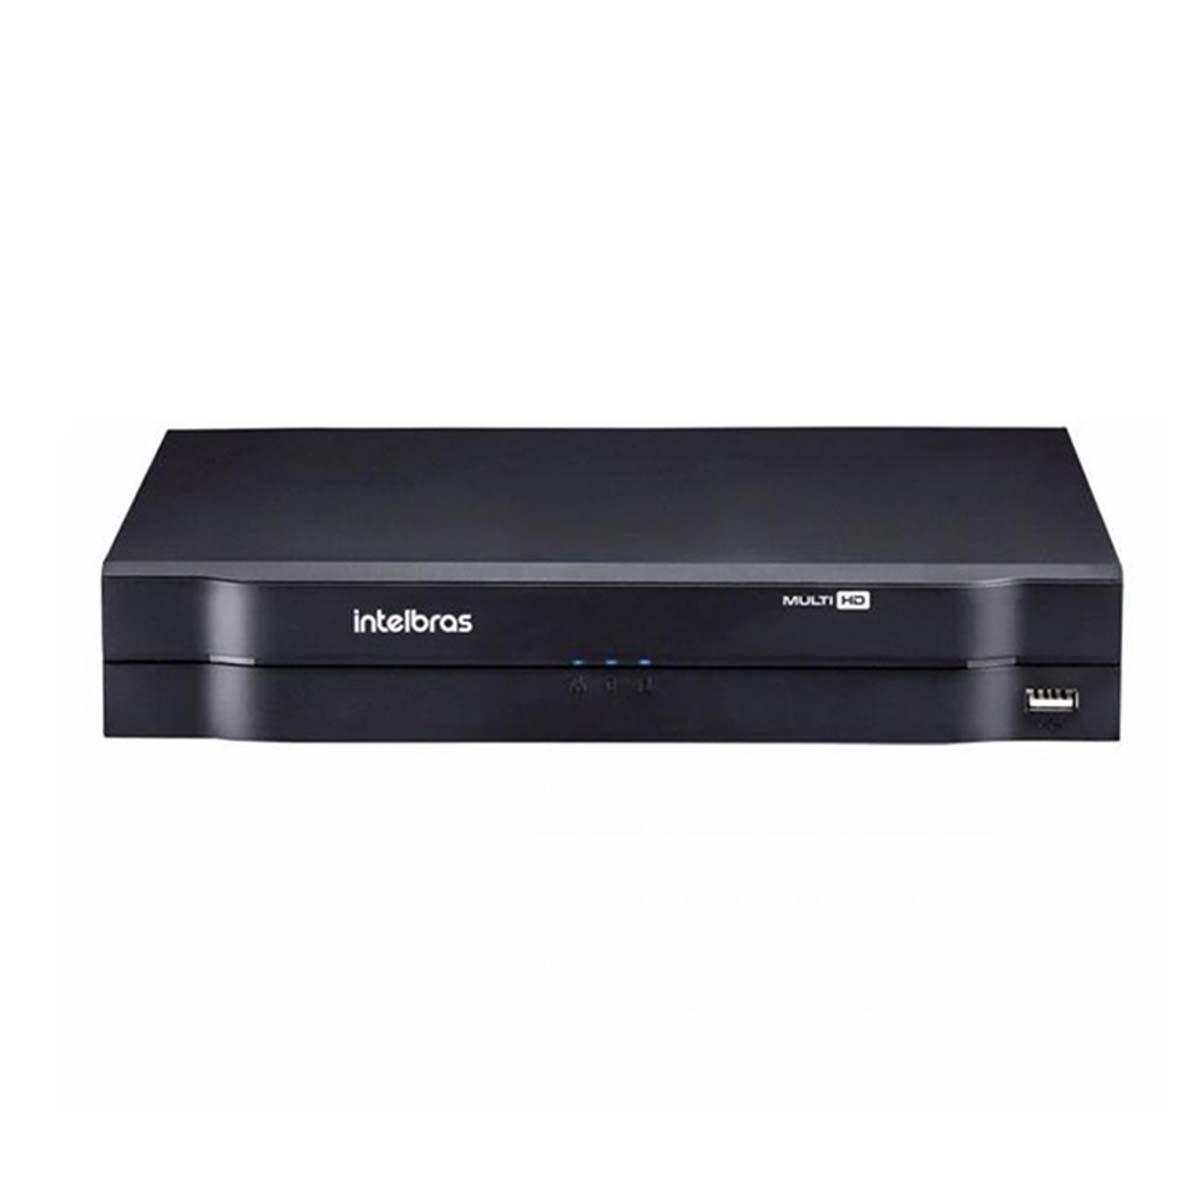 Kit CFTV 04 Câmeras VHD 1220 D Black G6 + MHDX 1104 S/ HD + Acessórios